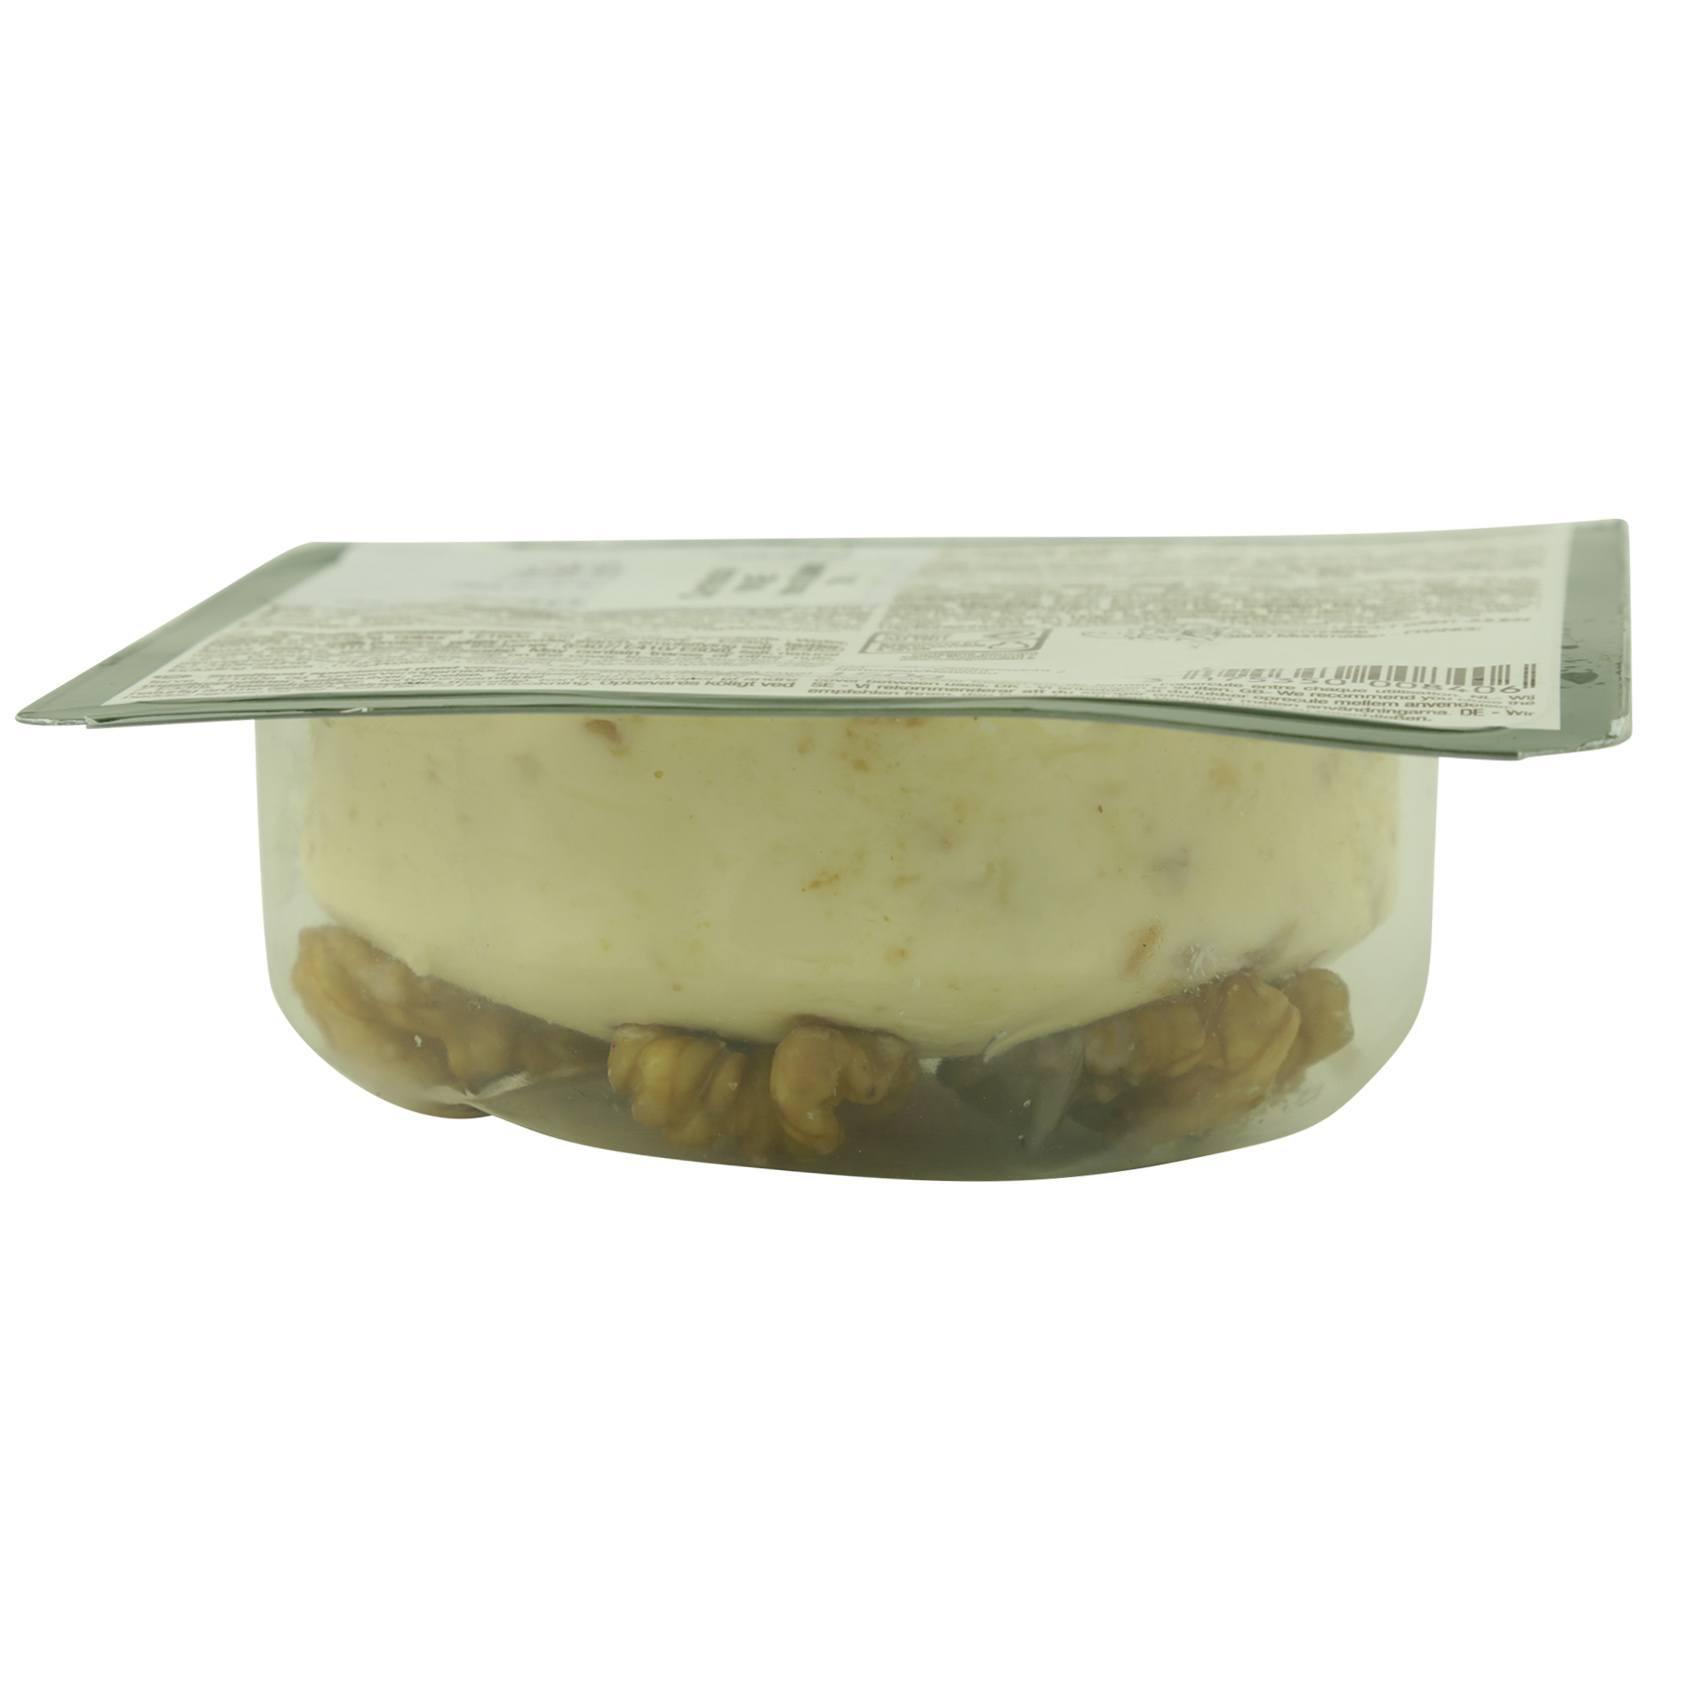 ST JULIEN NUTS CRYSTAL 150G